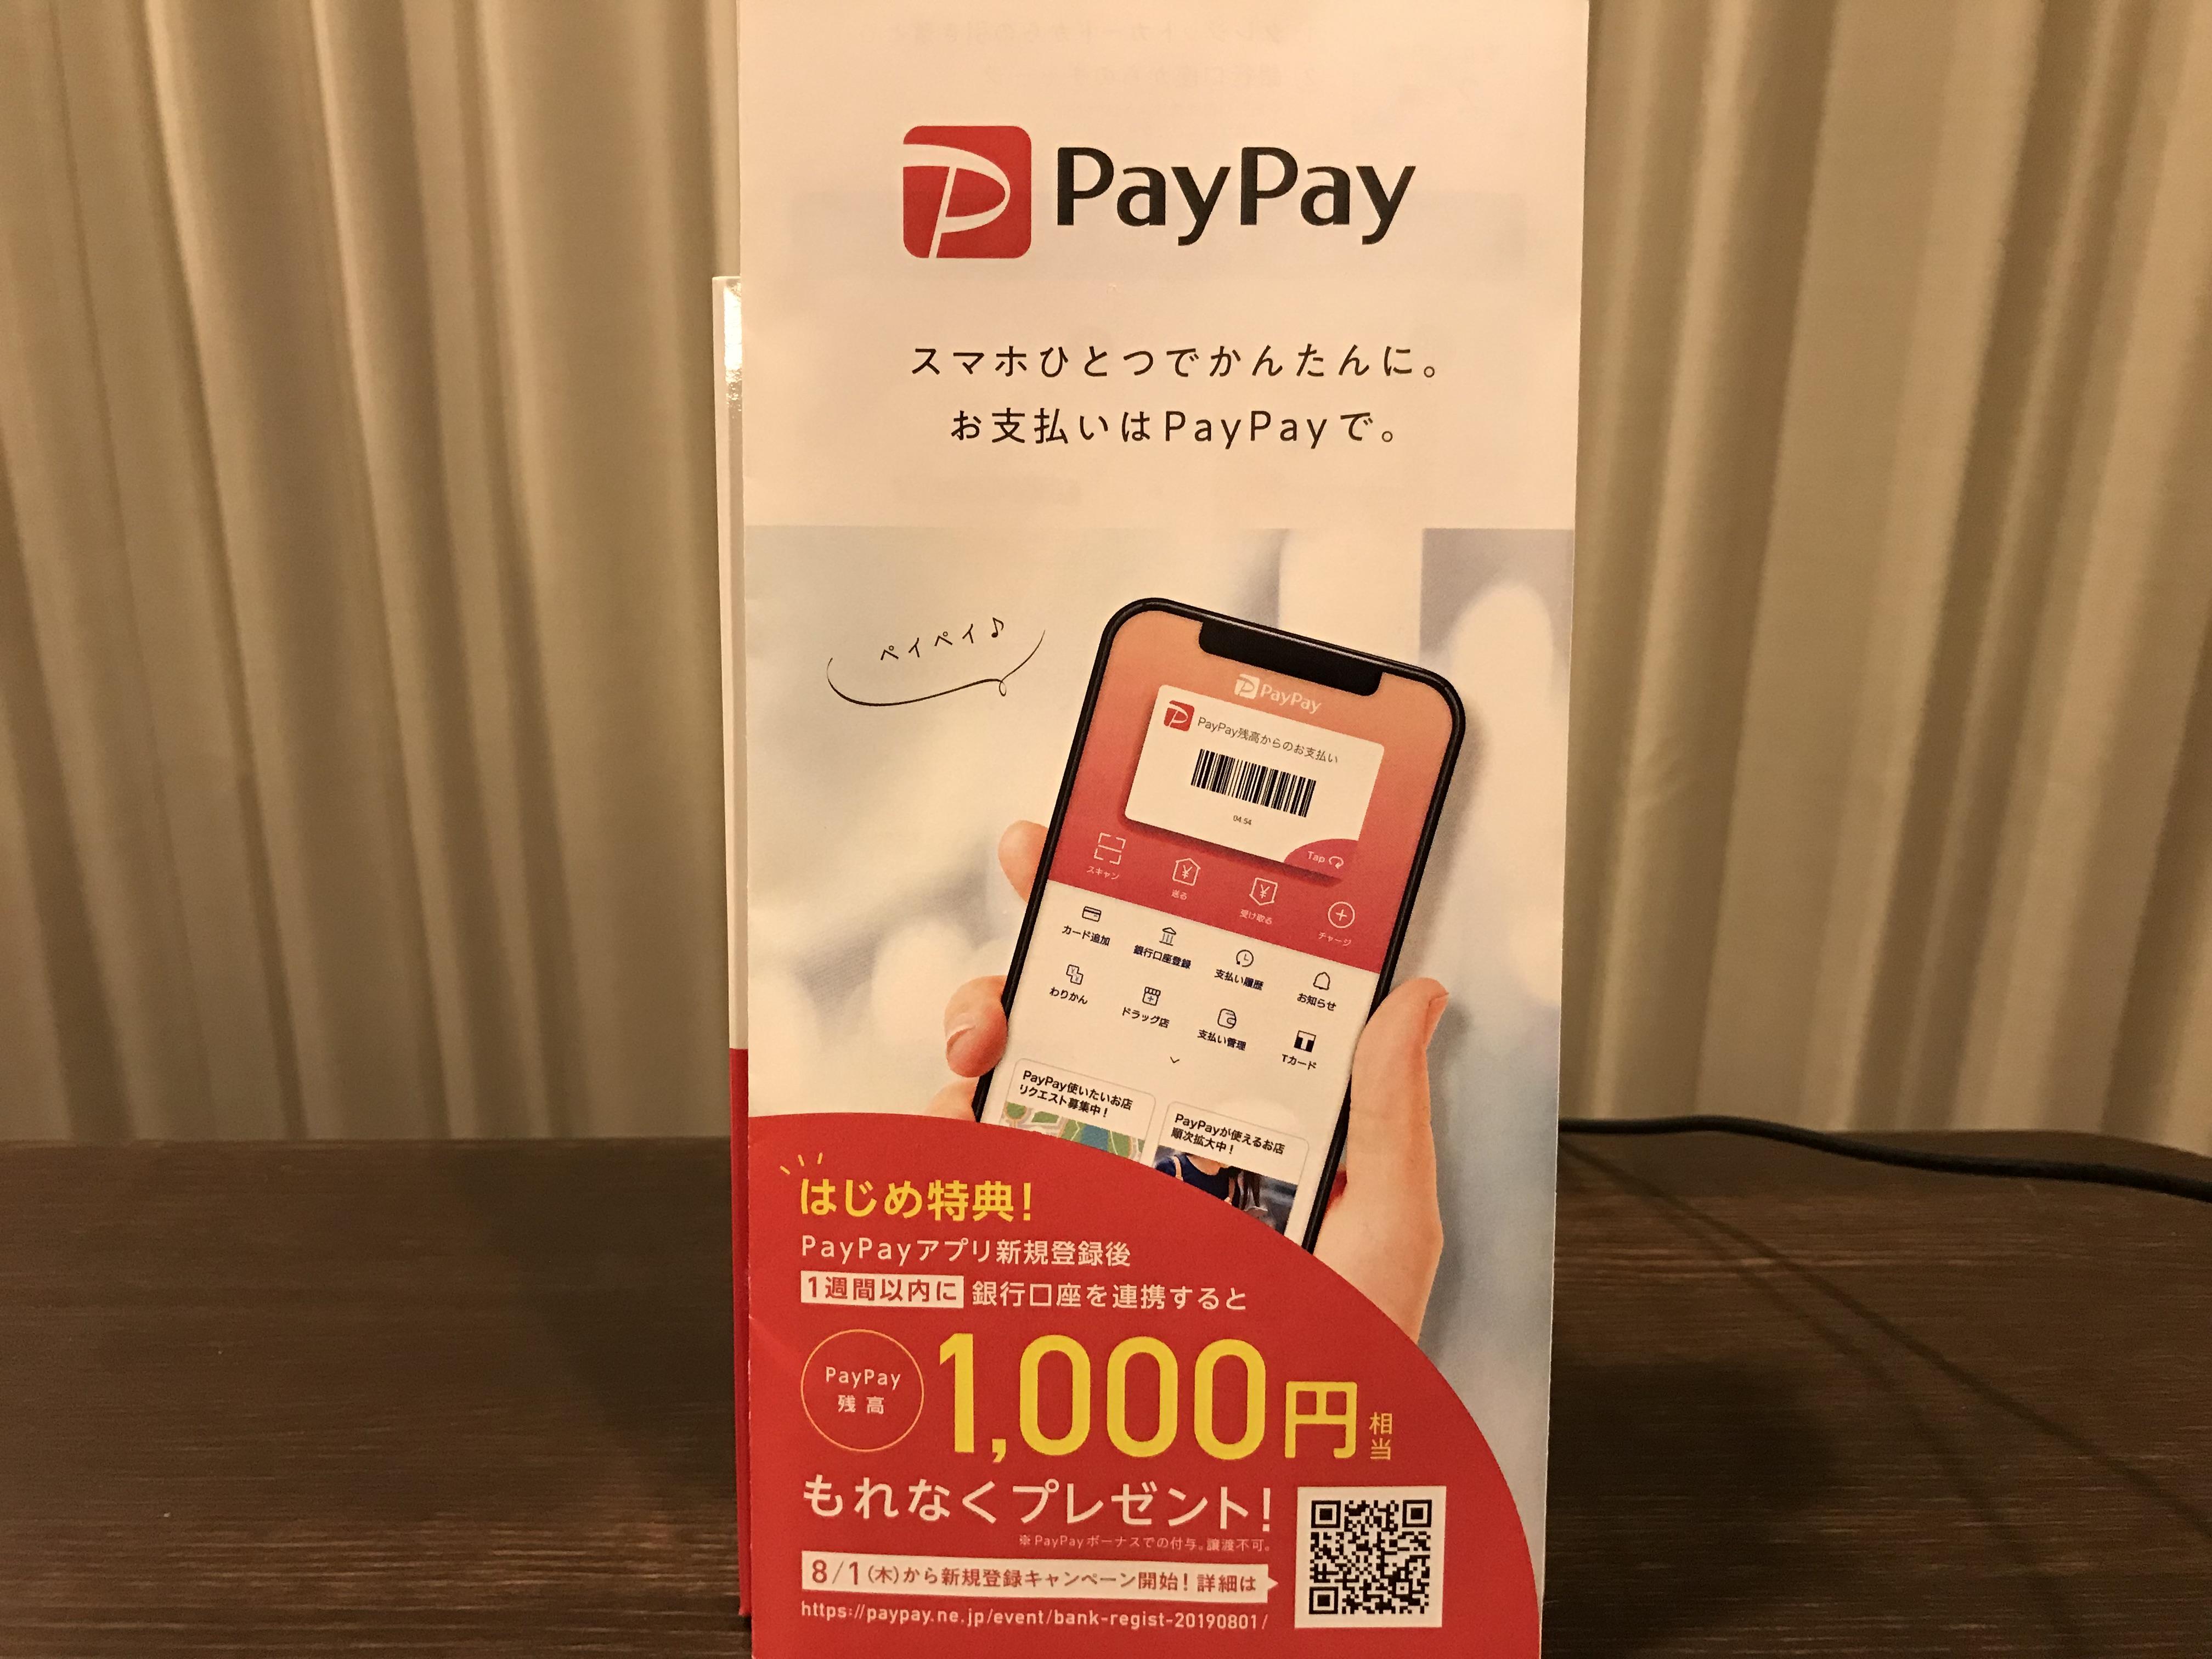 PayPayの小冊子 奈良市整体カイロプラクティック